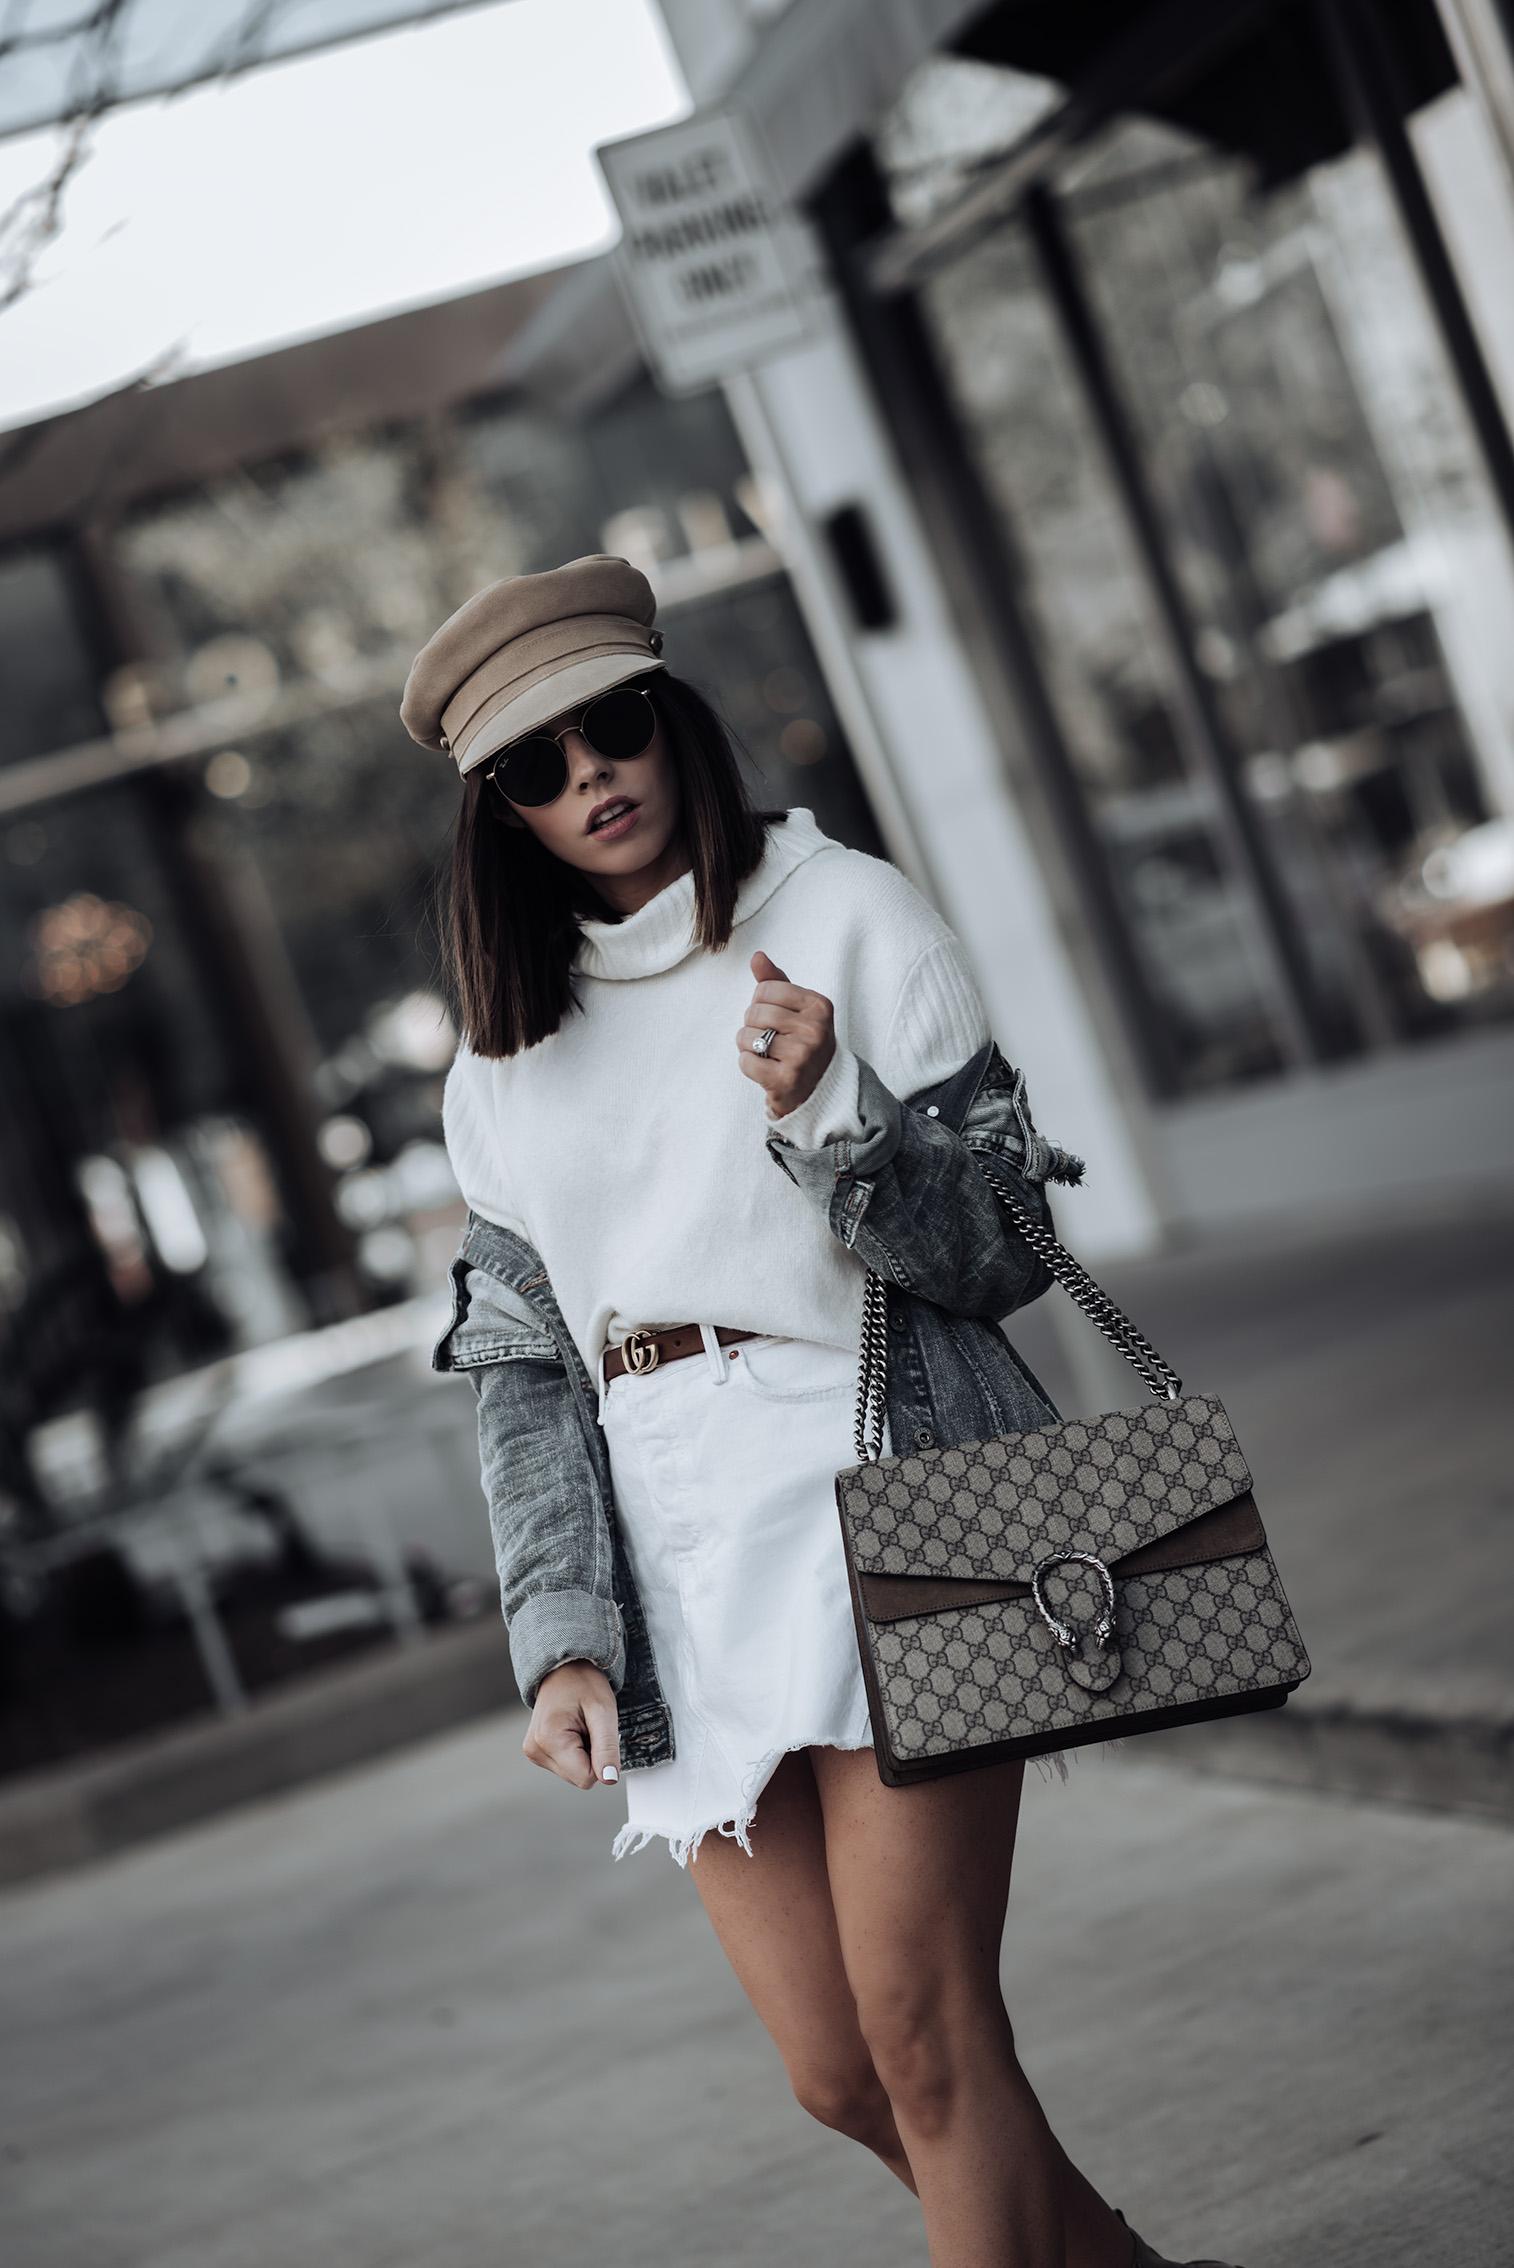 Oversized denim jacket   Tiffany Jais fashion and lifestyle blogger of Flaunt and Center   Houston fashion blogger   Straw handbag Trend   Streetstyle blog #streetstyle